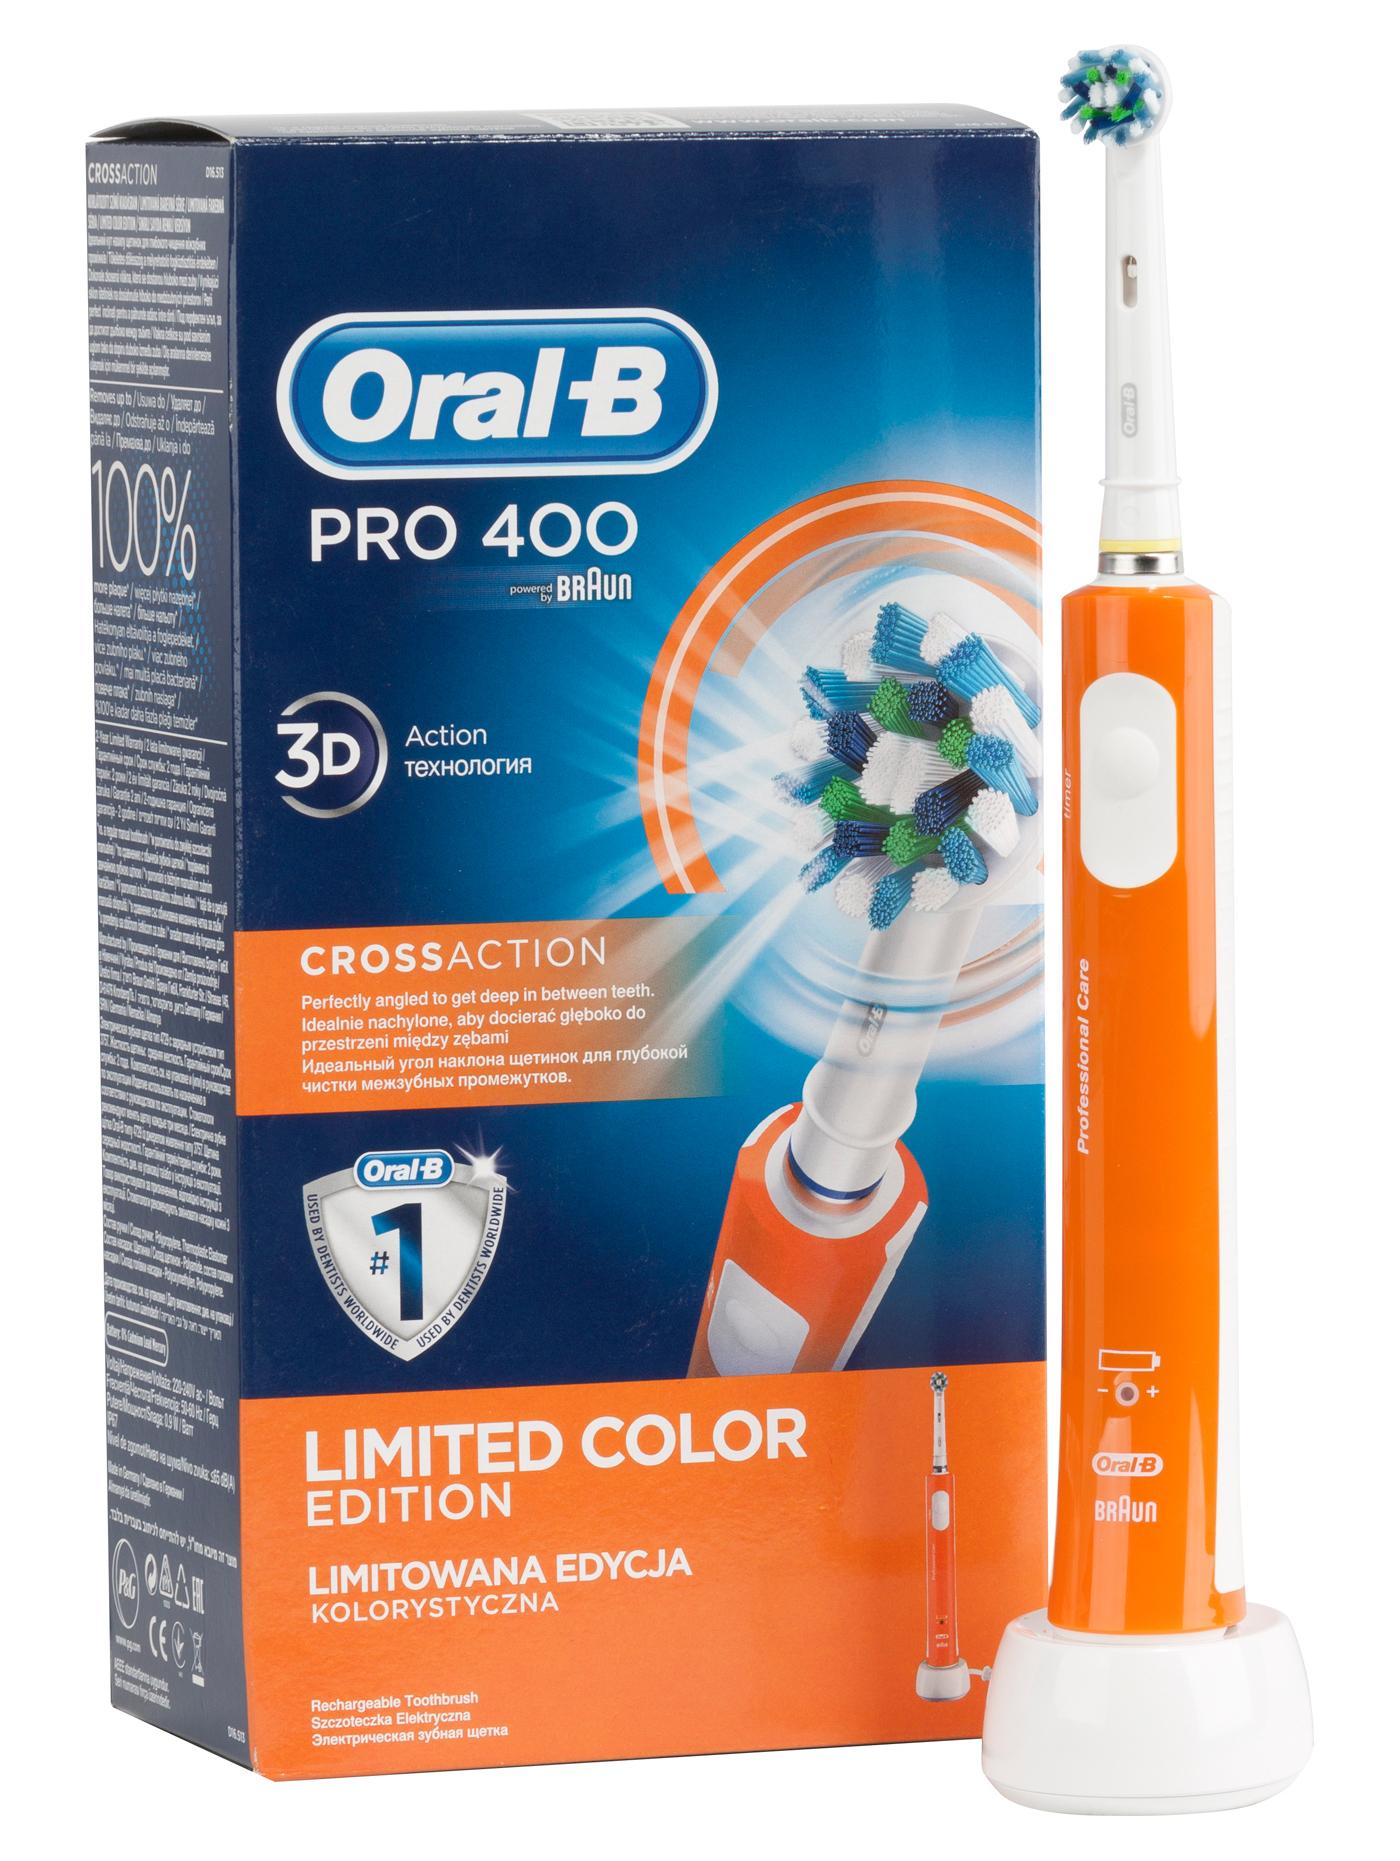 Электрическая зубная щетка: чтобы реже ходить к стоматологу